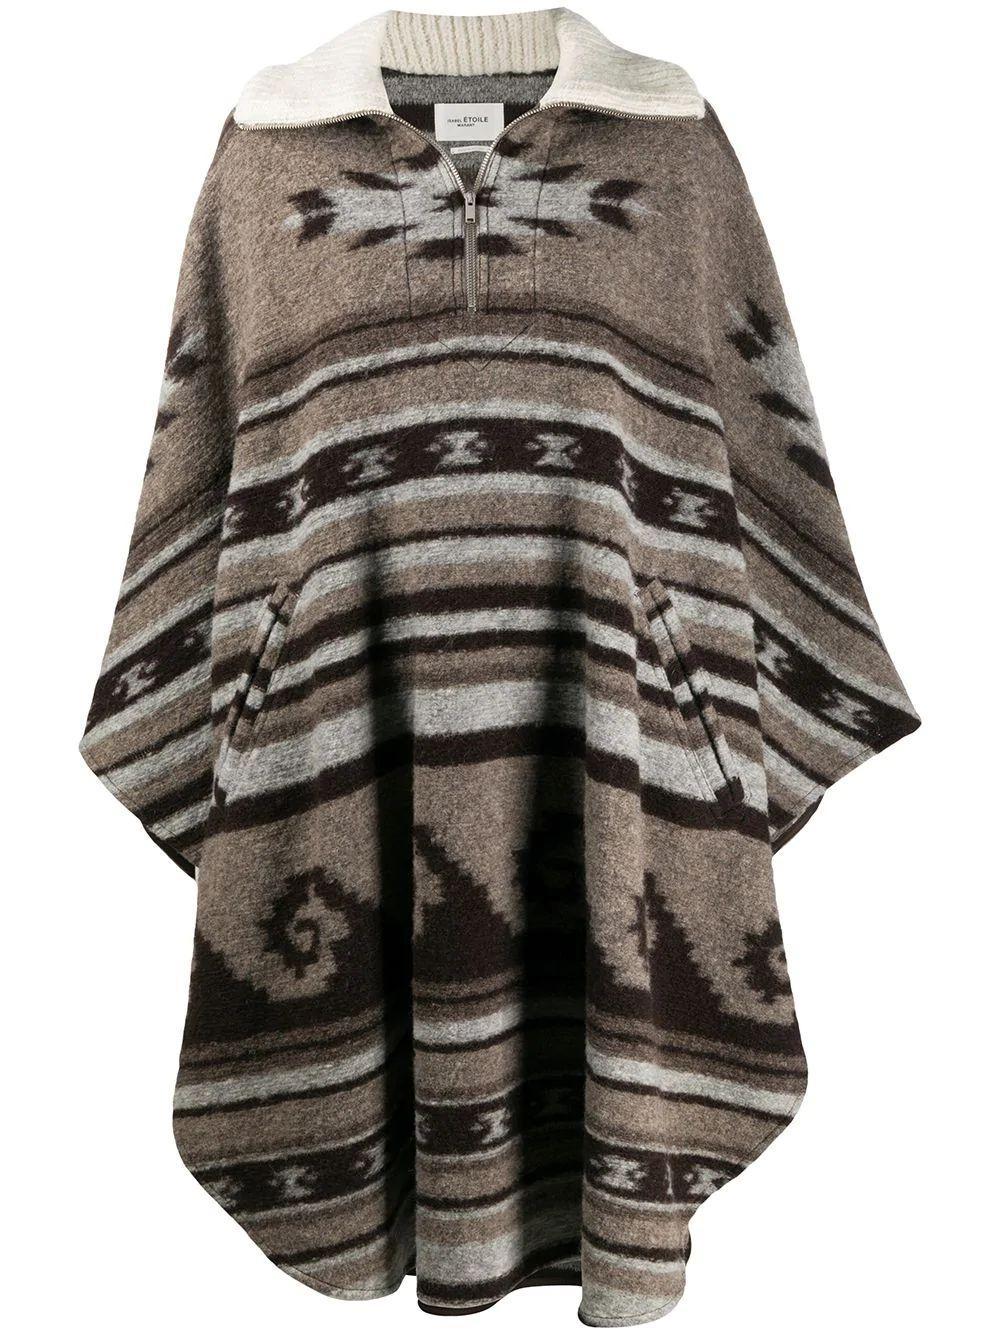 Gabin Navajo Blanket Coat